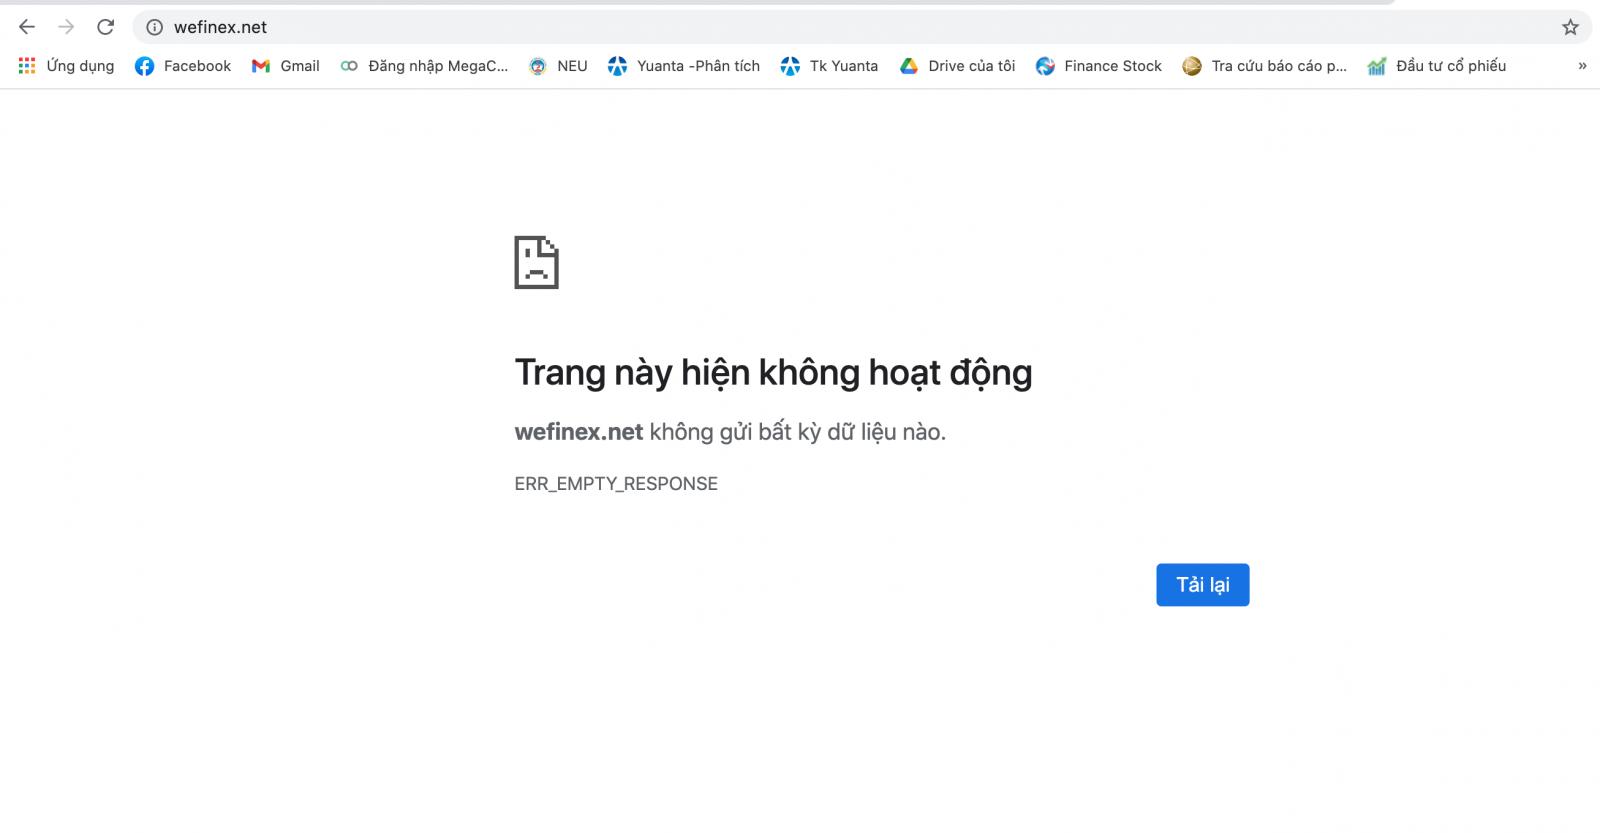 Hàng loạt website sàn giao dịch BO trong hệ sinh thái Wefinex bị chặn - Ảnh 1.